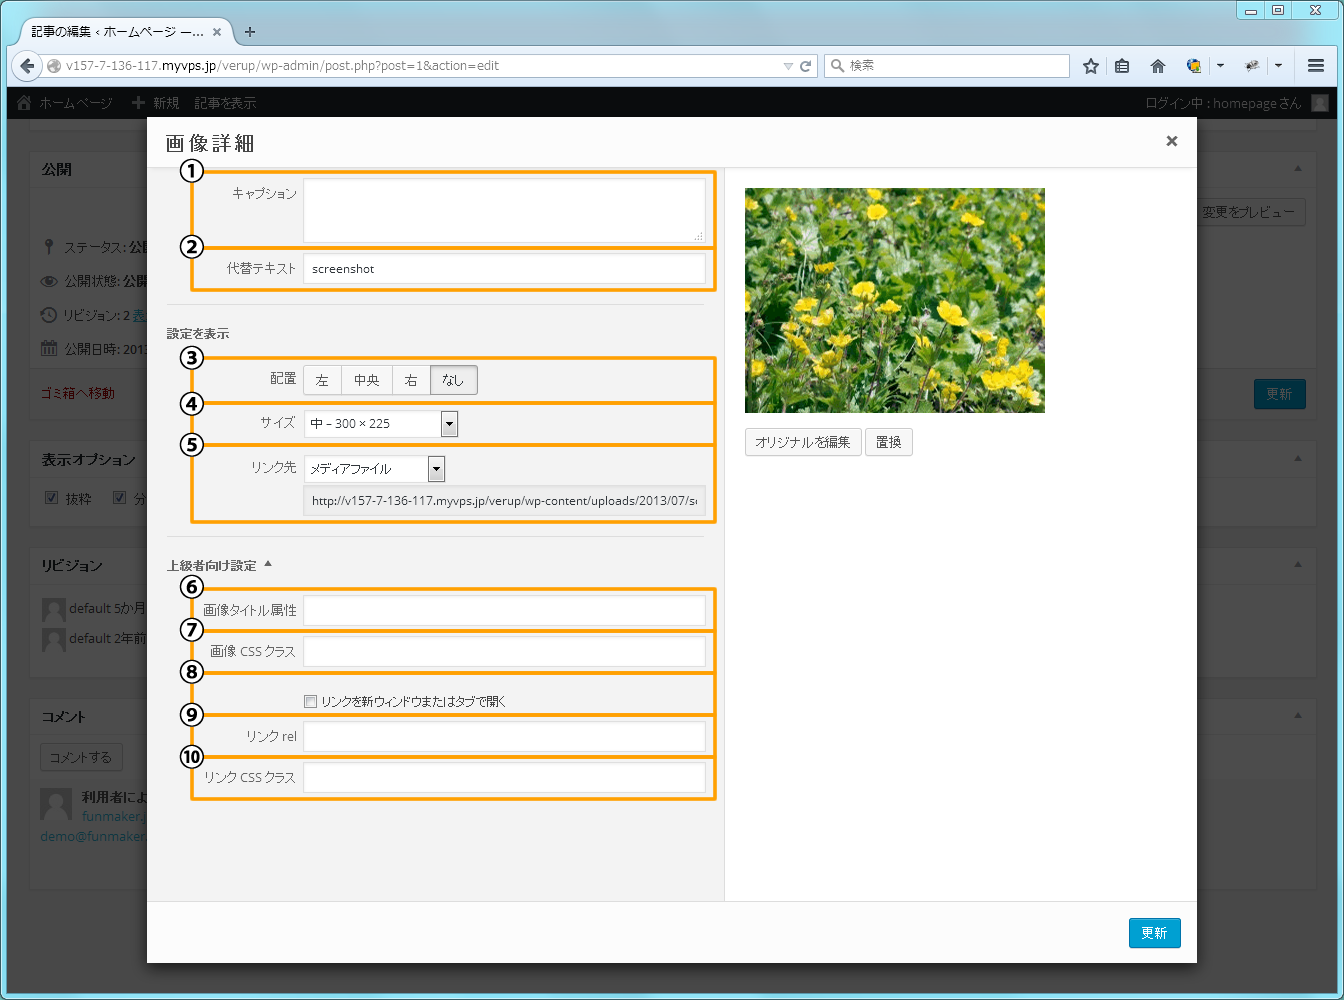 記事 追加画像の修正画面 | 簡単格安ホームページ作成サイト - FunMaker